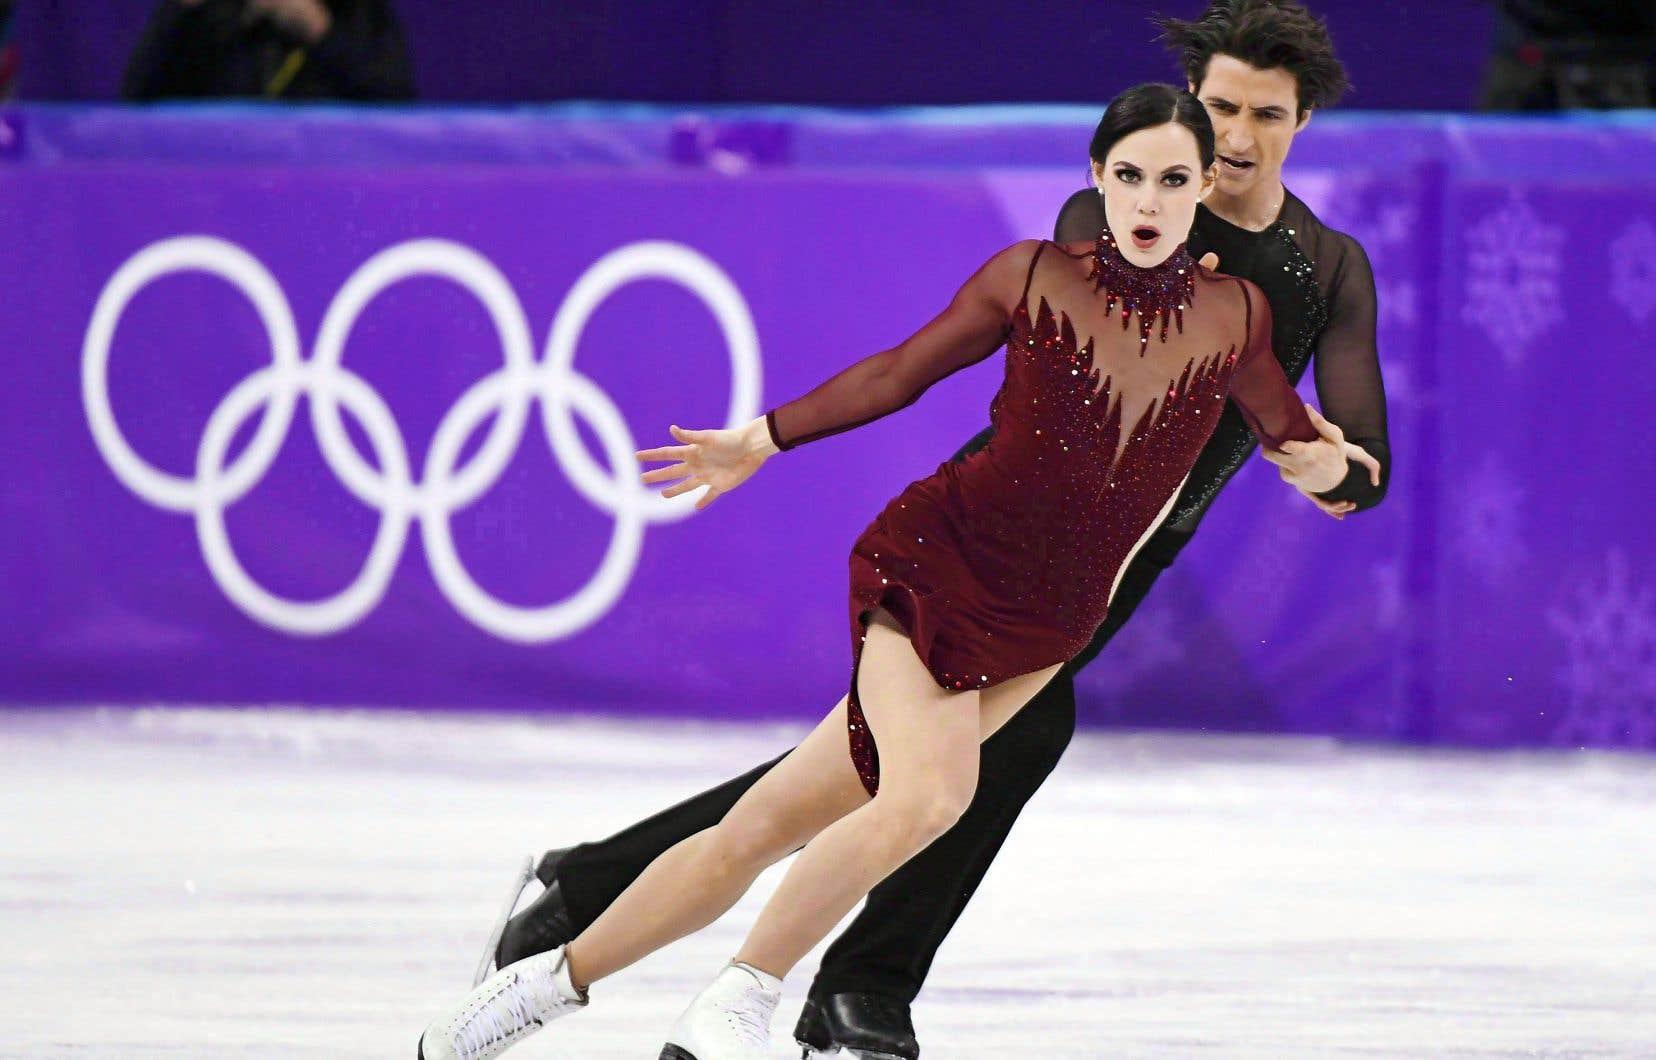 Les patineurs avaient enflammé le Canada lors des derniers Jeux olympiques d'hiver en Corée du Sud.